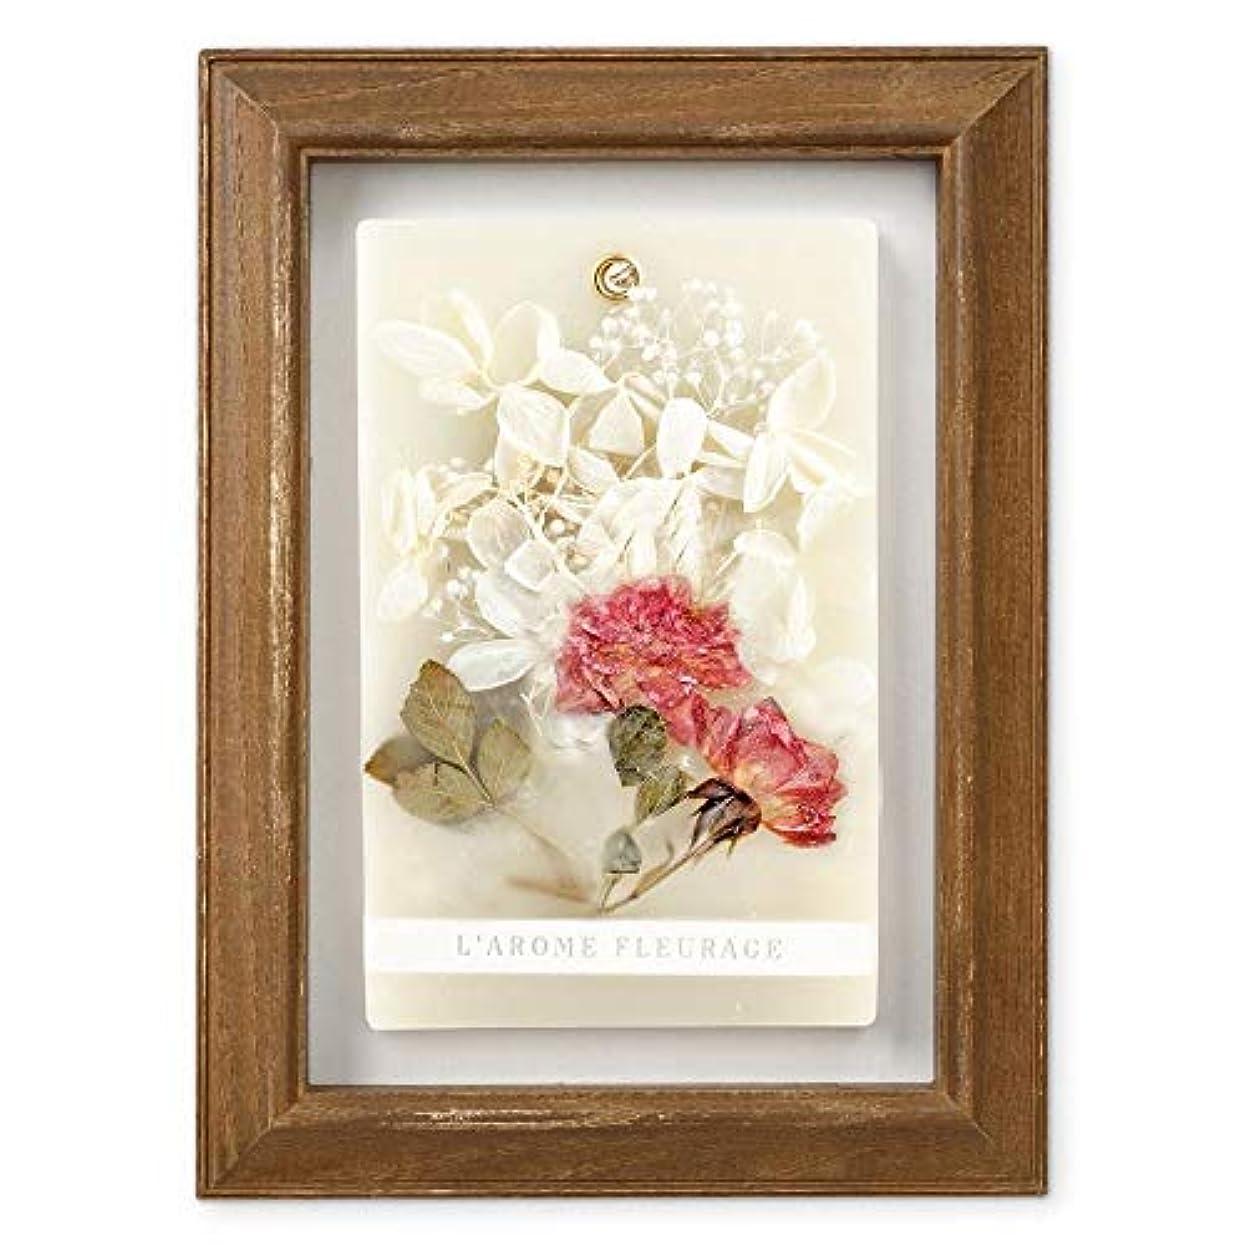 罰典型的なシェルターFLEURAGE(フルラージュ) アロマワックスサシェ ワイルドローズの香り Rose×AntiqueBrown KH-61122